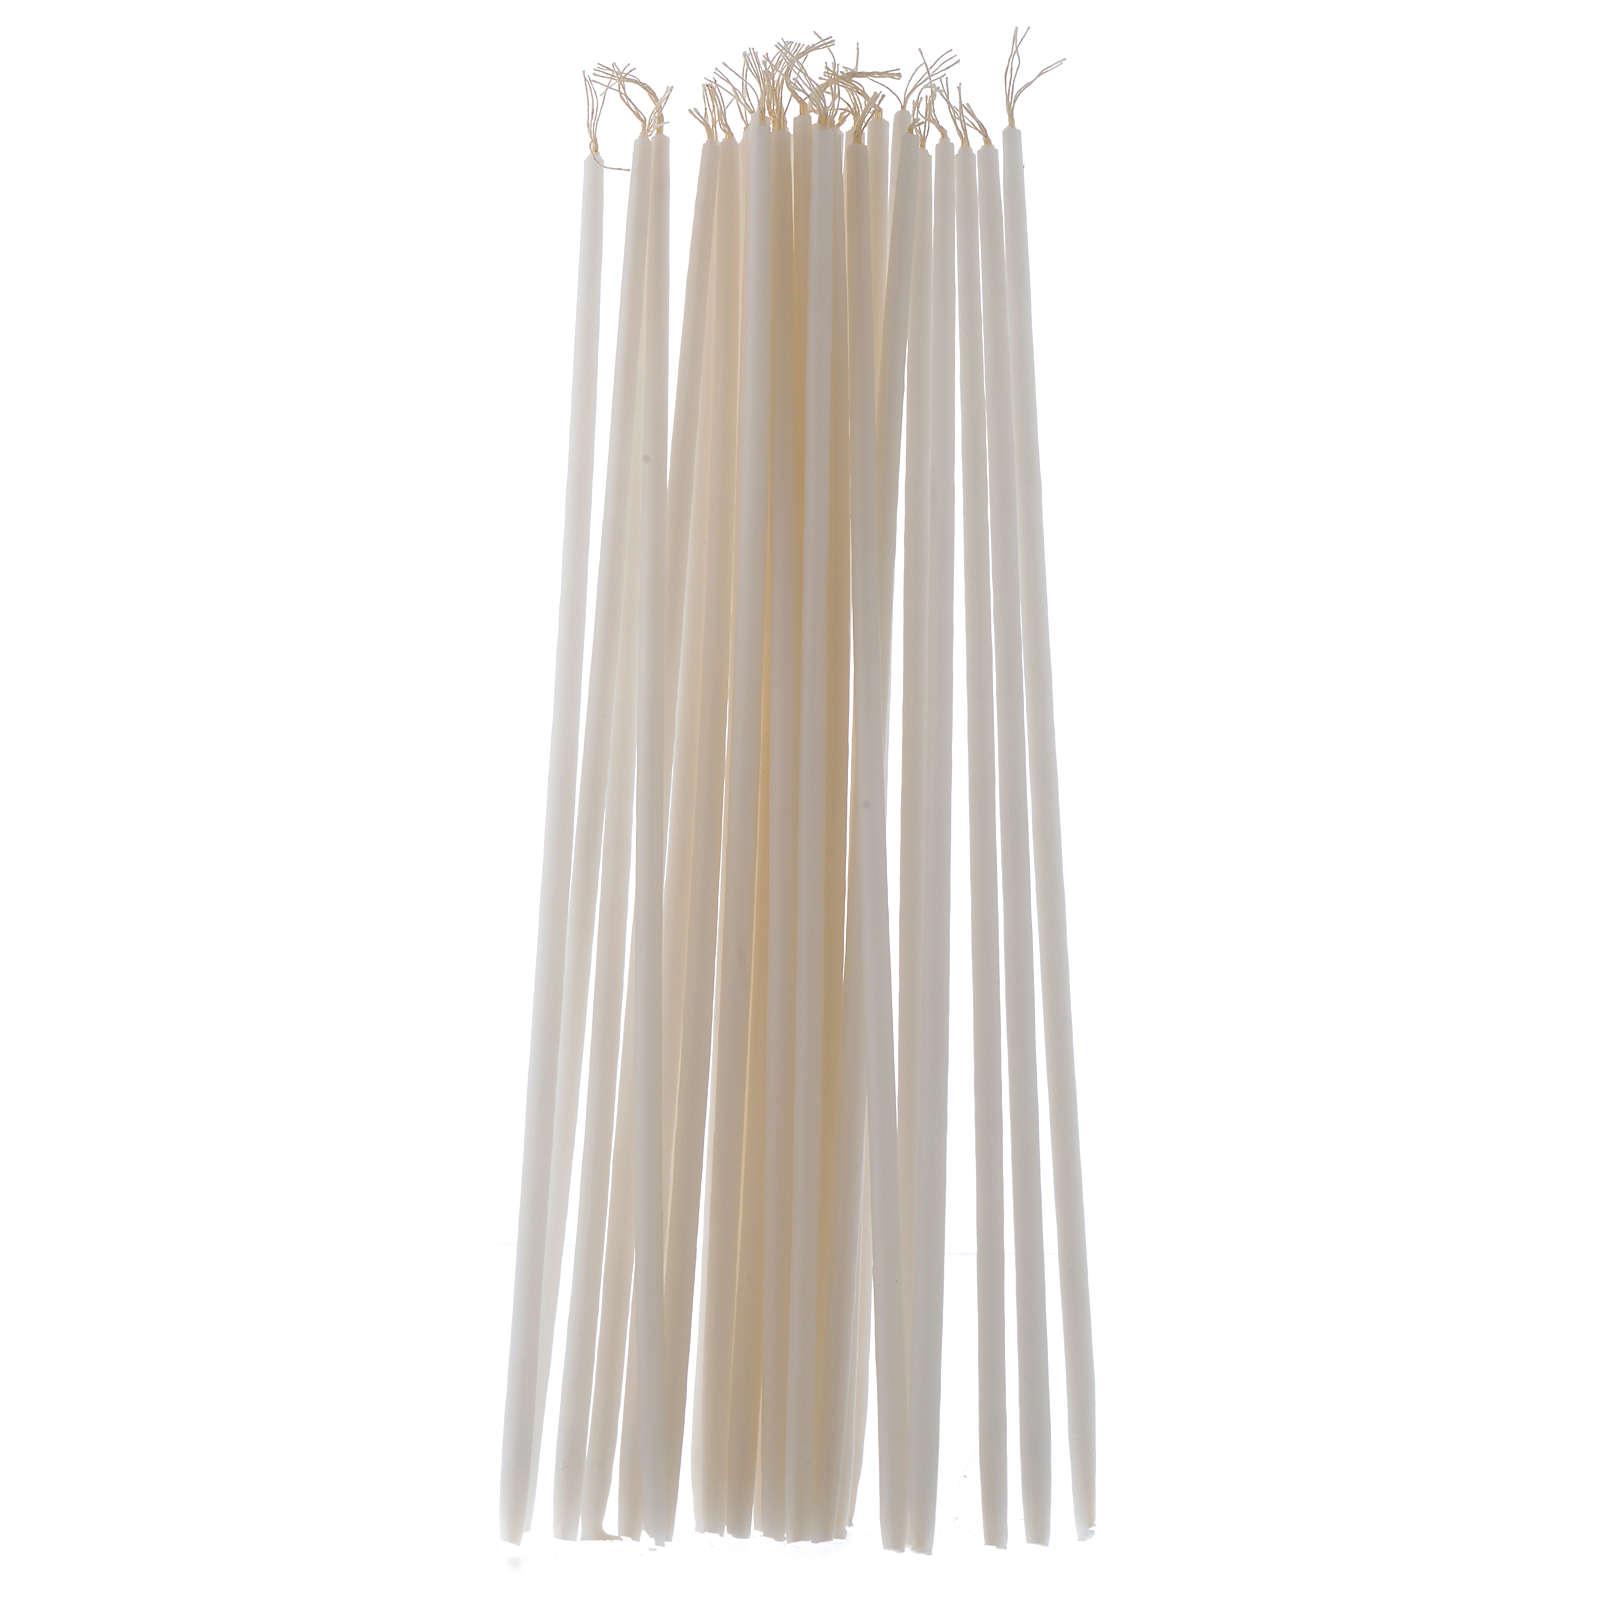 Chandelles sans coulure (boite de 100 bougies) 3